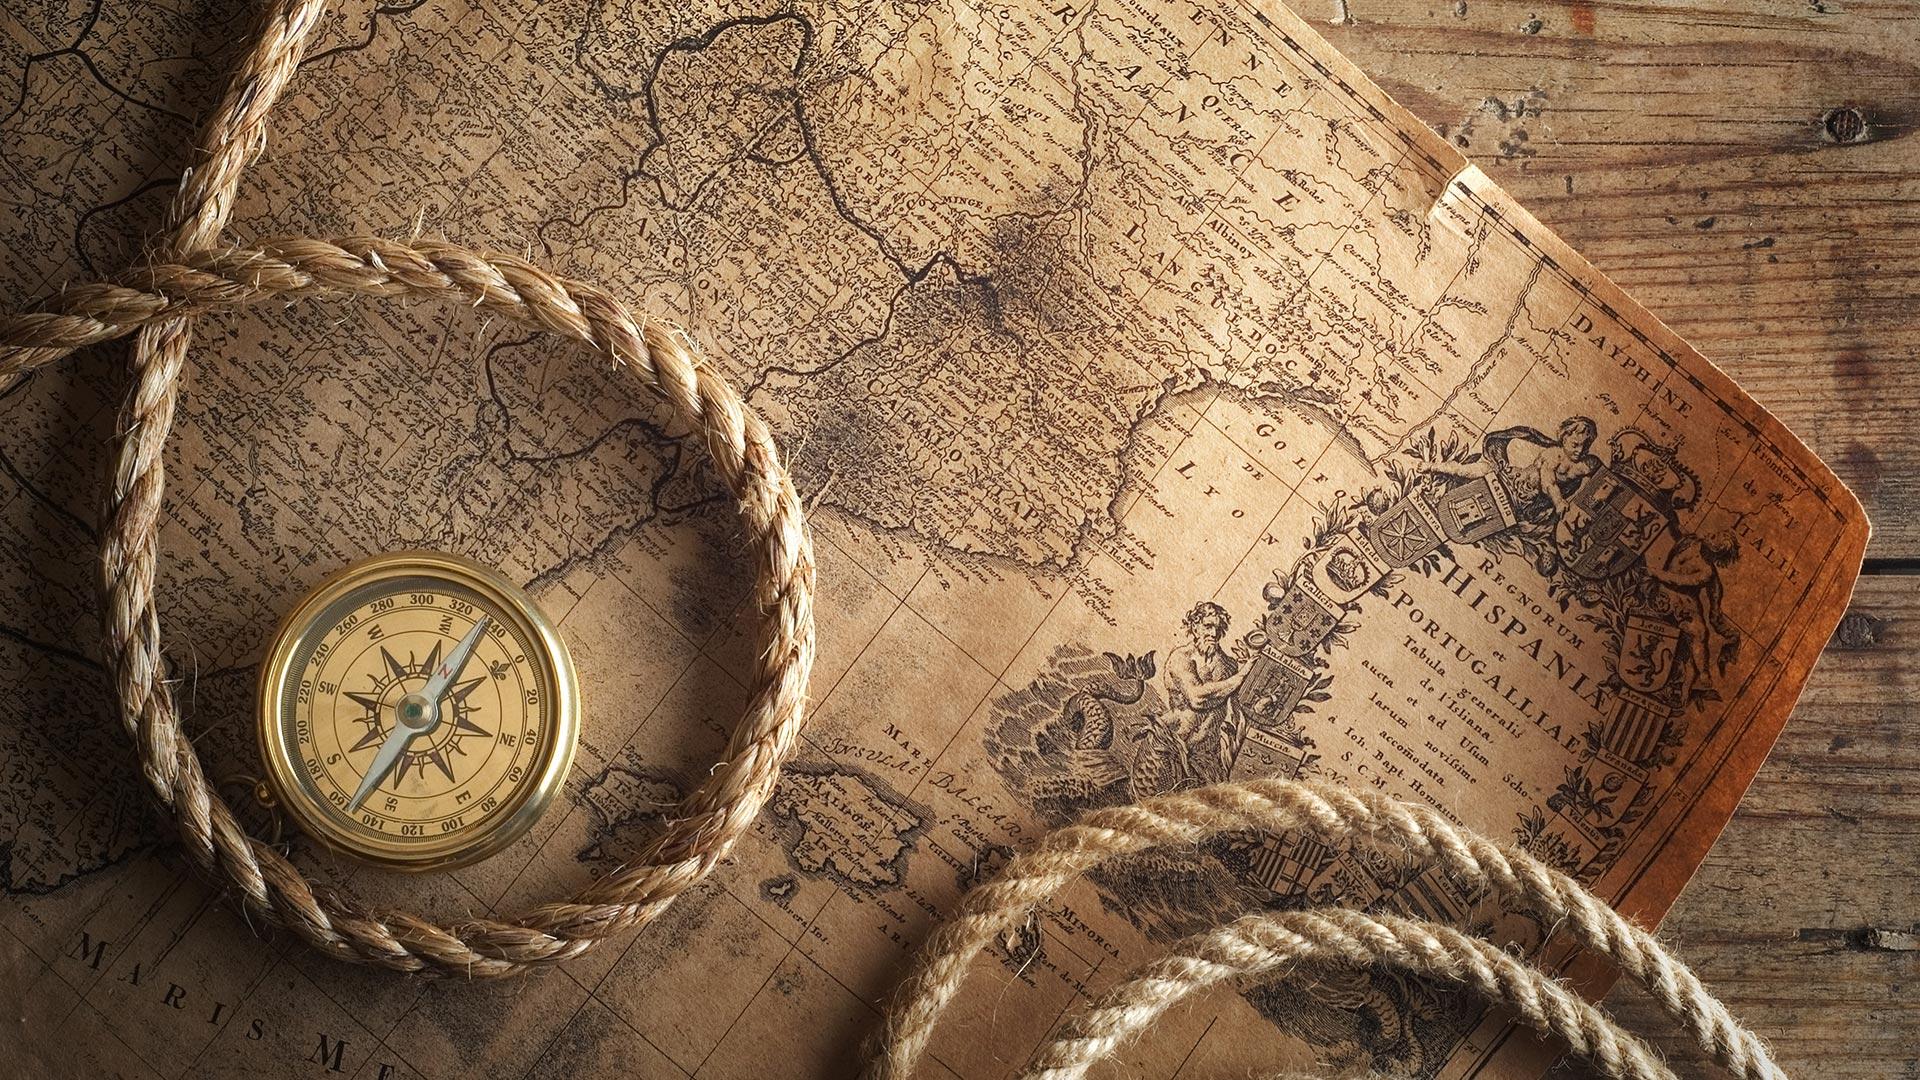 Αντίστροφη μέτρηση για το 16ο Κυνήγι Κρυμμένου Θησαυρού στο Ηράκλειο